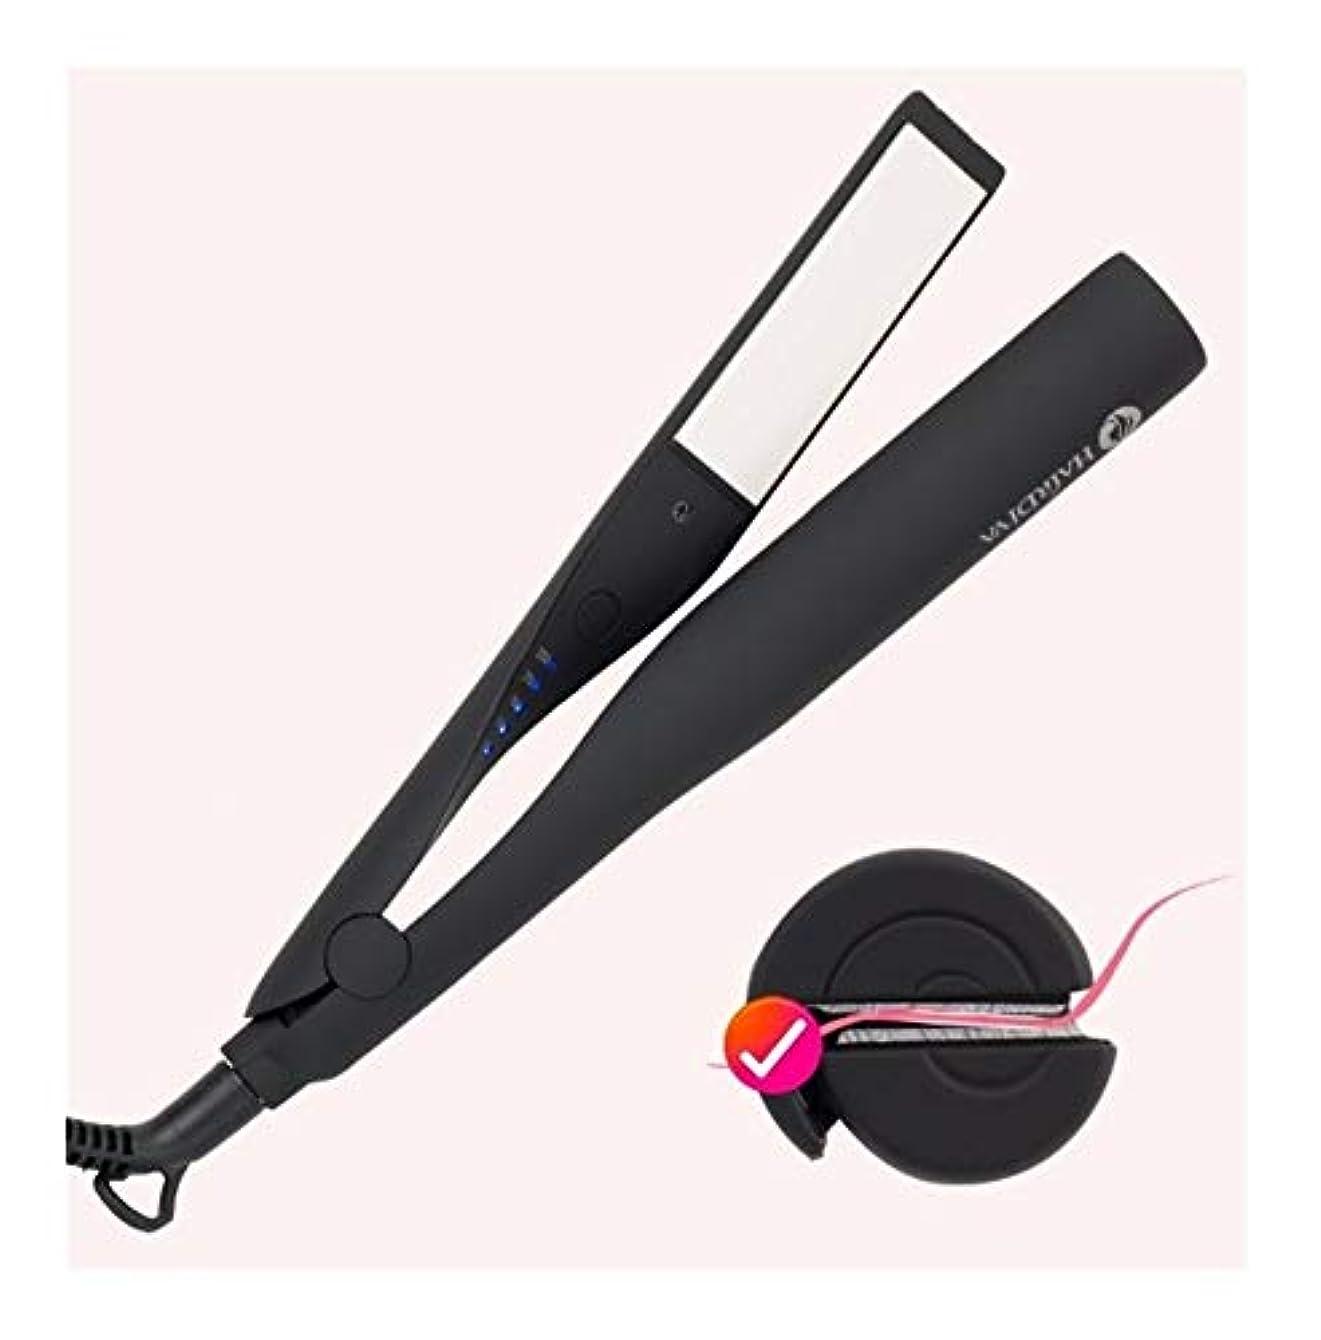 病弱何レシピCQQ プロフェッショナル電気矯正アイアン&1つのストレートヘアアイロンフラットアイアンセラミックスタイリングツールアイアンPROスタイリングヘアツールカーリング鉄の毛のストレートヘアの杖でCurlingIron髪カーラー2 (Color : Black)